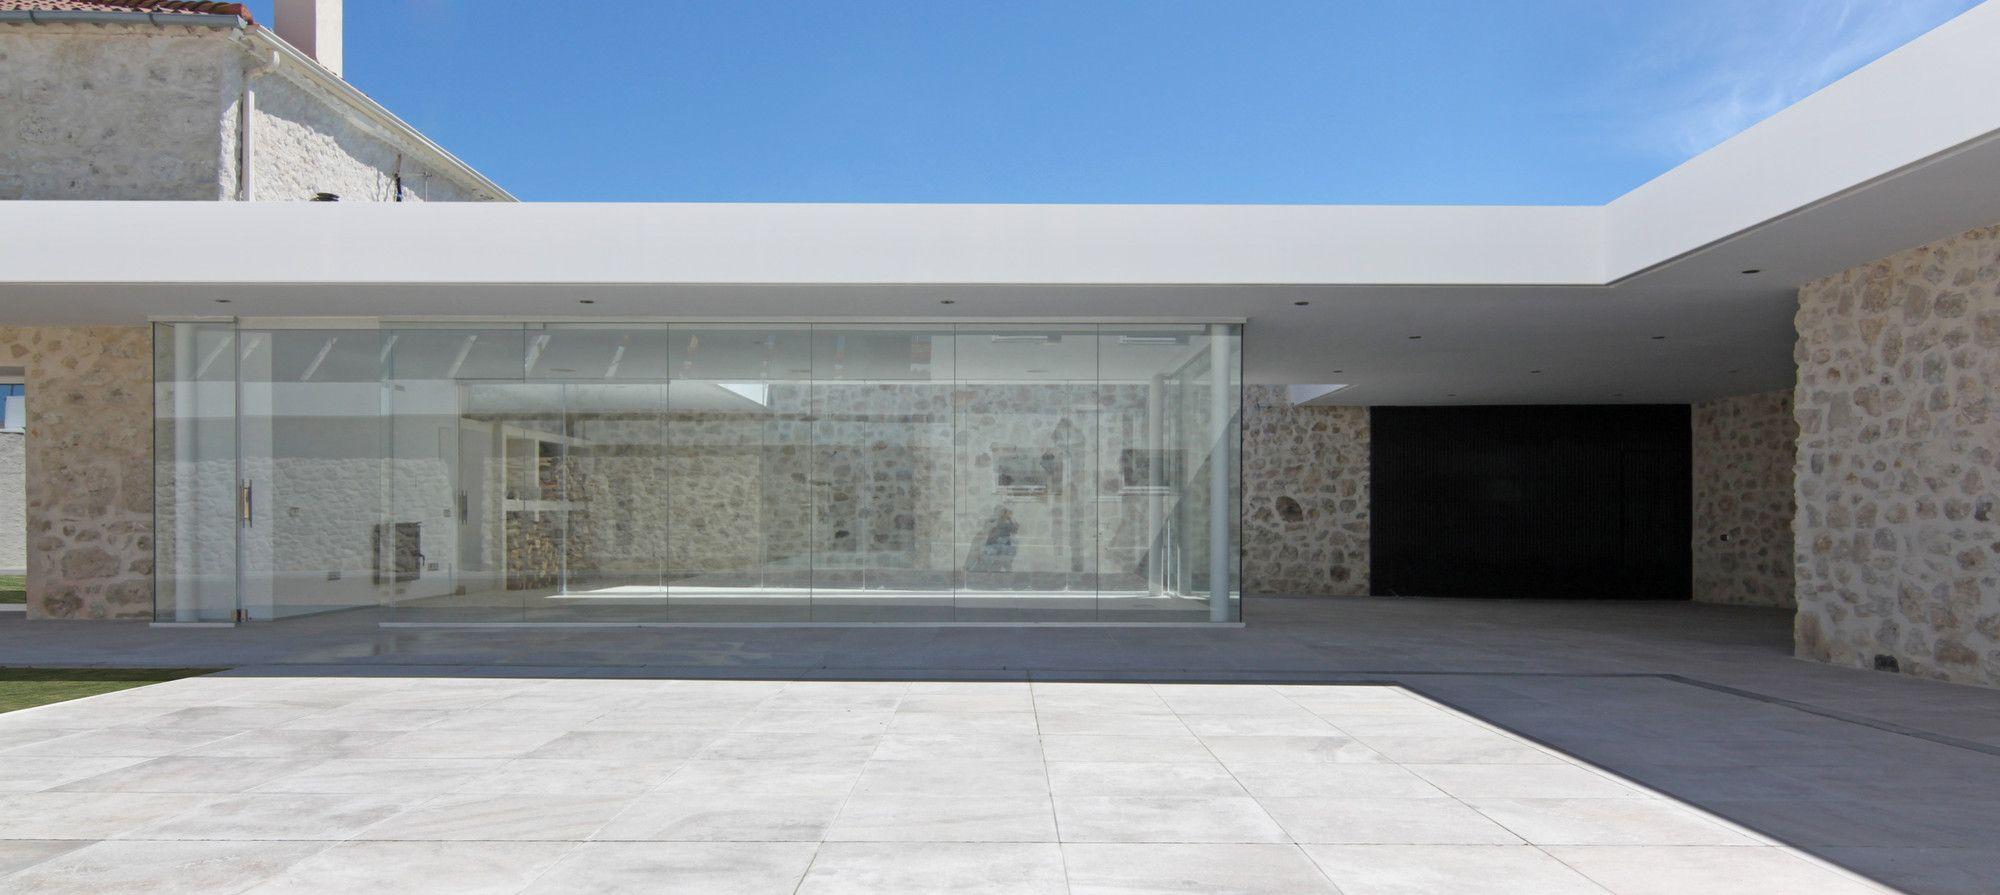 Rehabilitación patio en Santibañez de Valcorba / Óscar Miguel Ares Álvarez